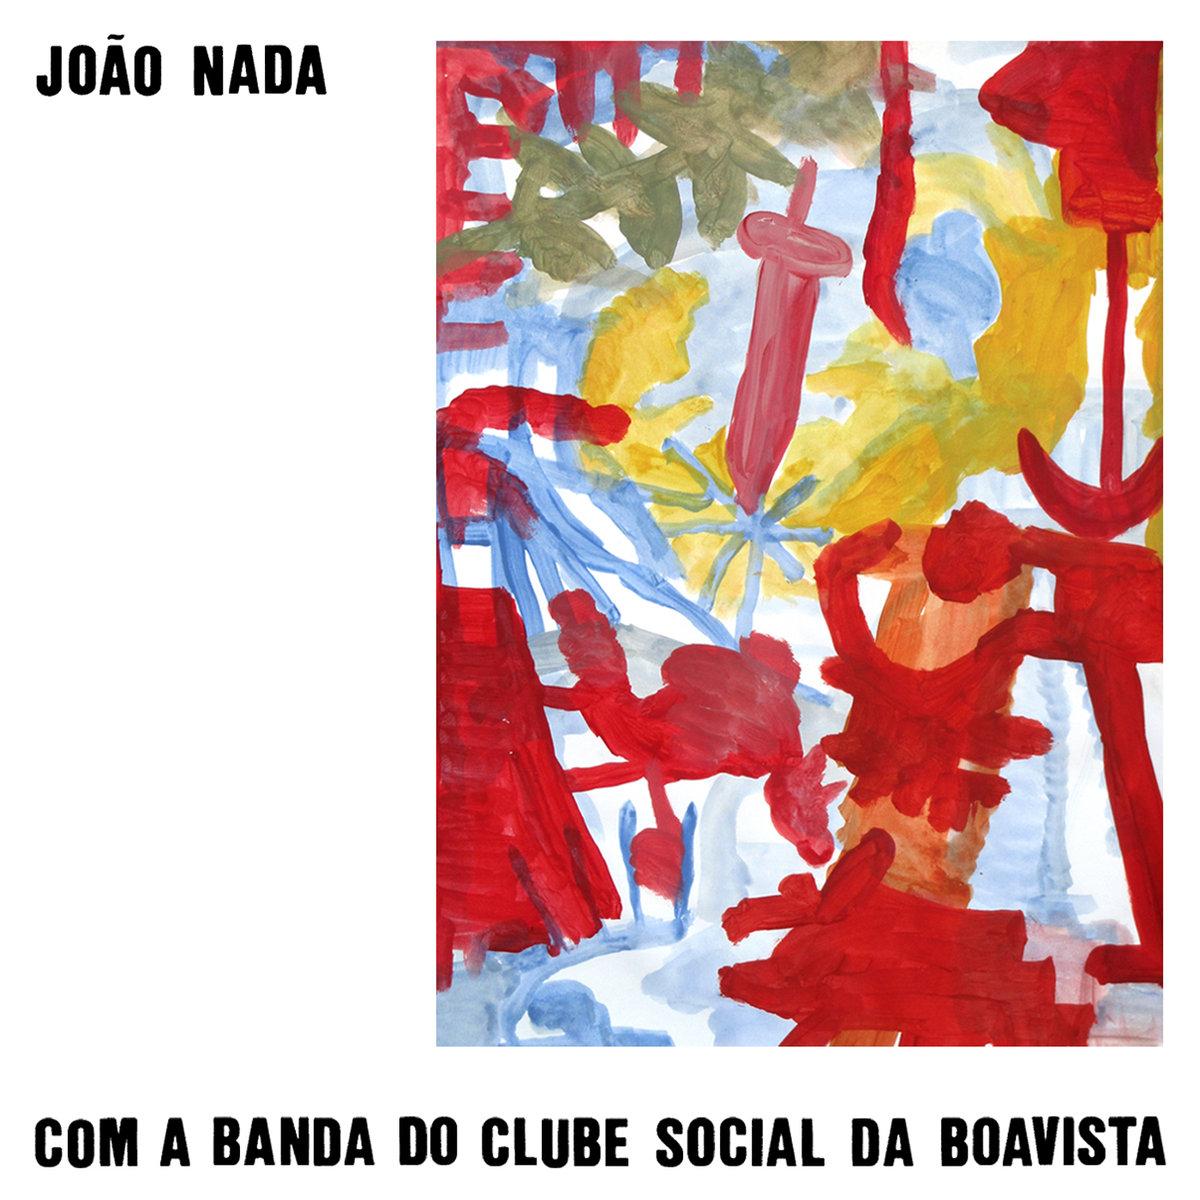 Dia após Dia incluido en Com a banda do clube social da boavista de João Nada